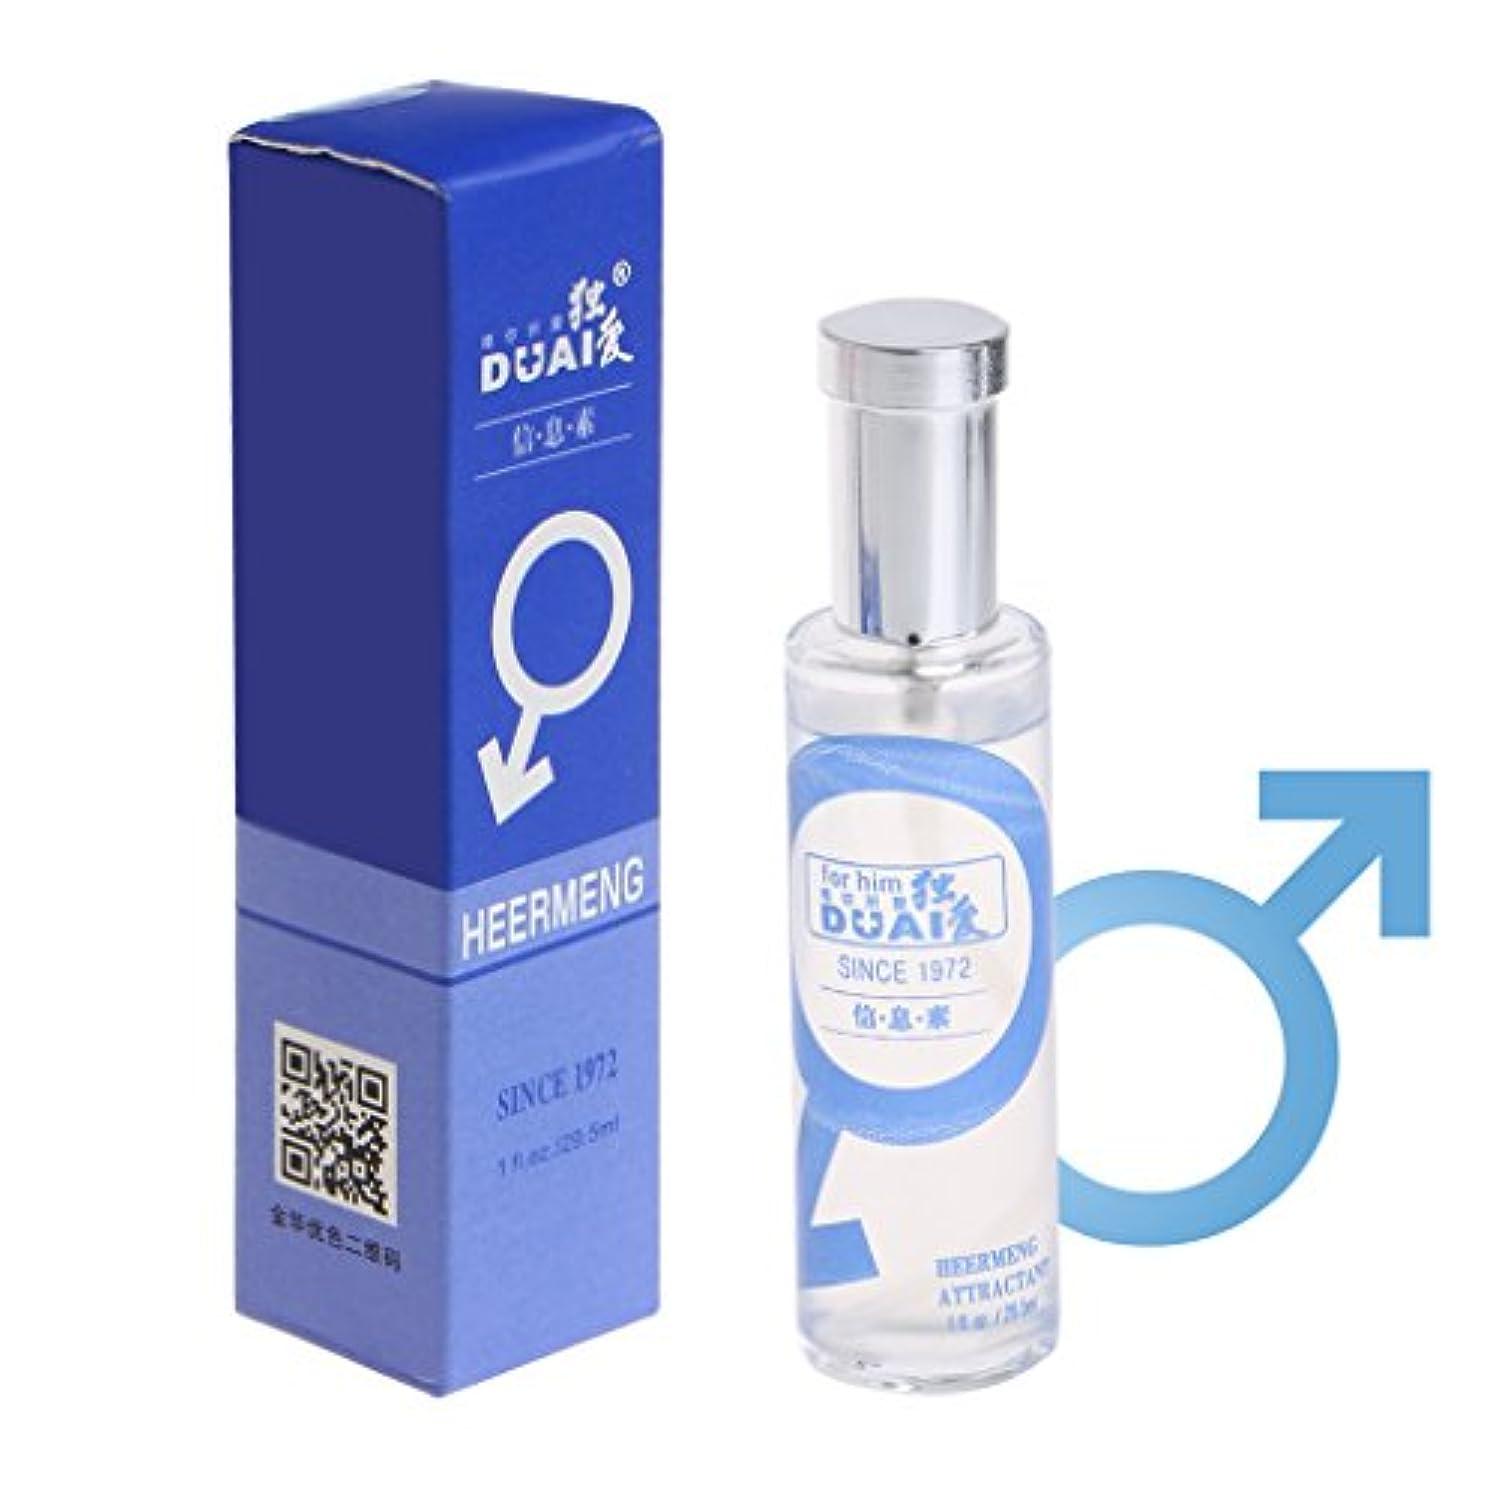 永久に気絶させるバンガローJAGETRADEセクシーな香水香水ボディスプレーオイルフェロモン男性の性のおもちゃのための媚薬の供給